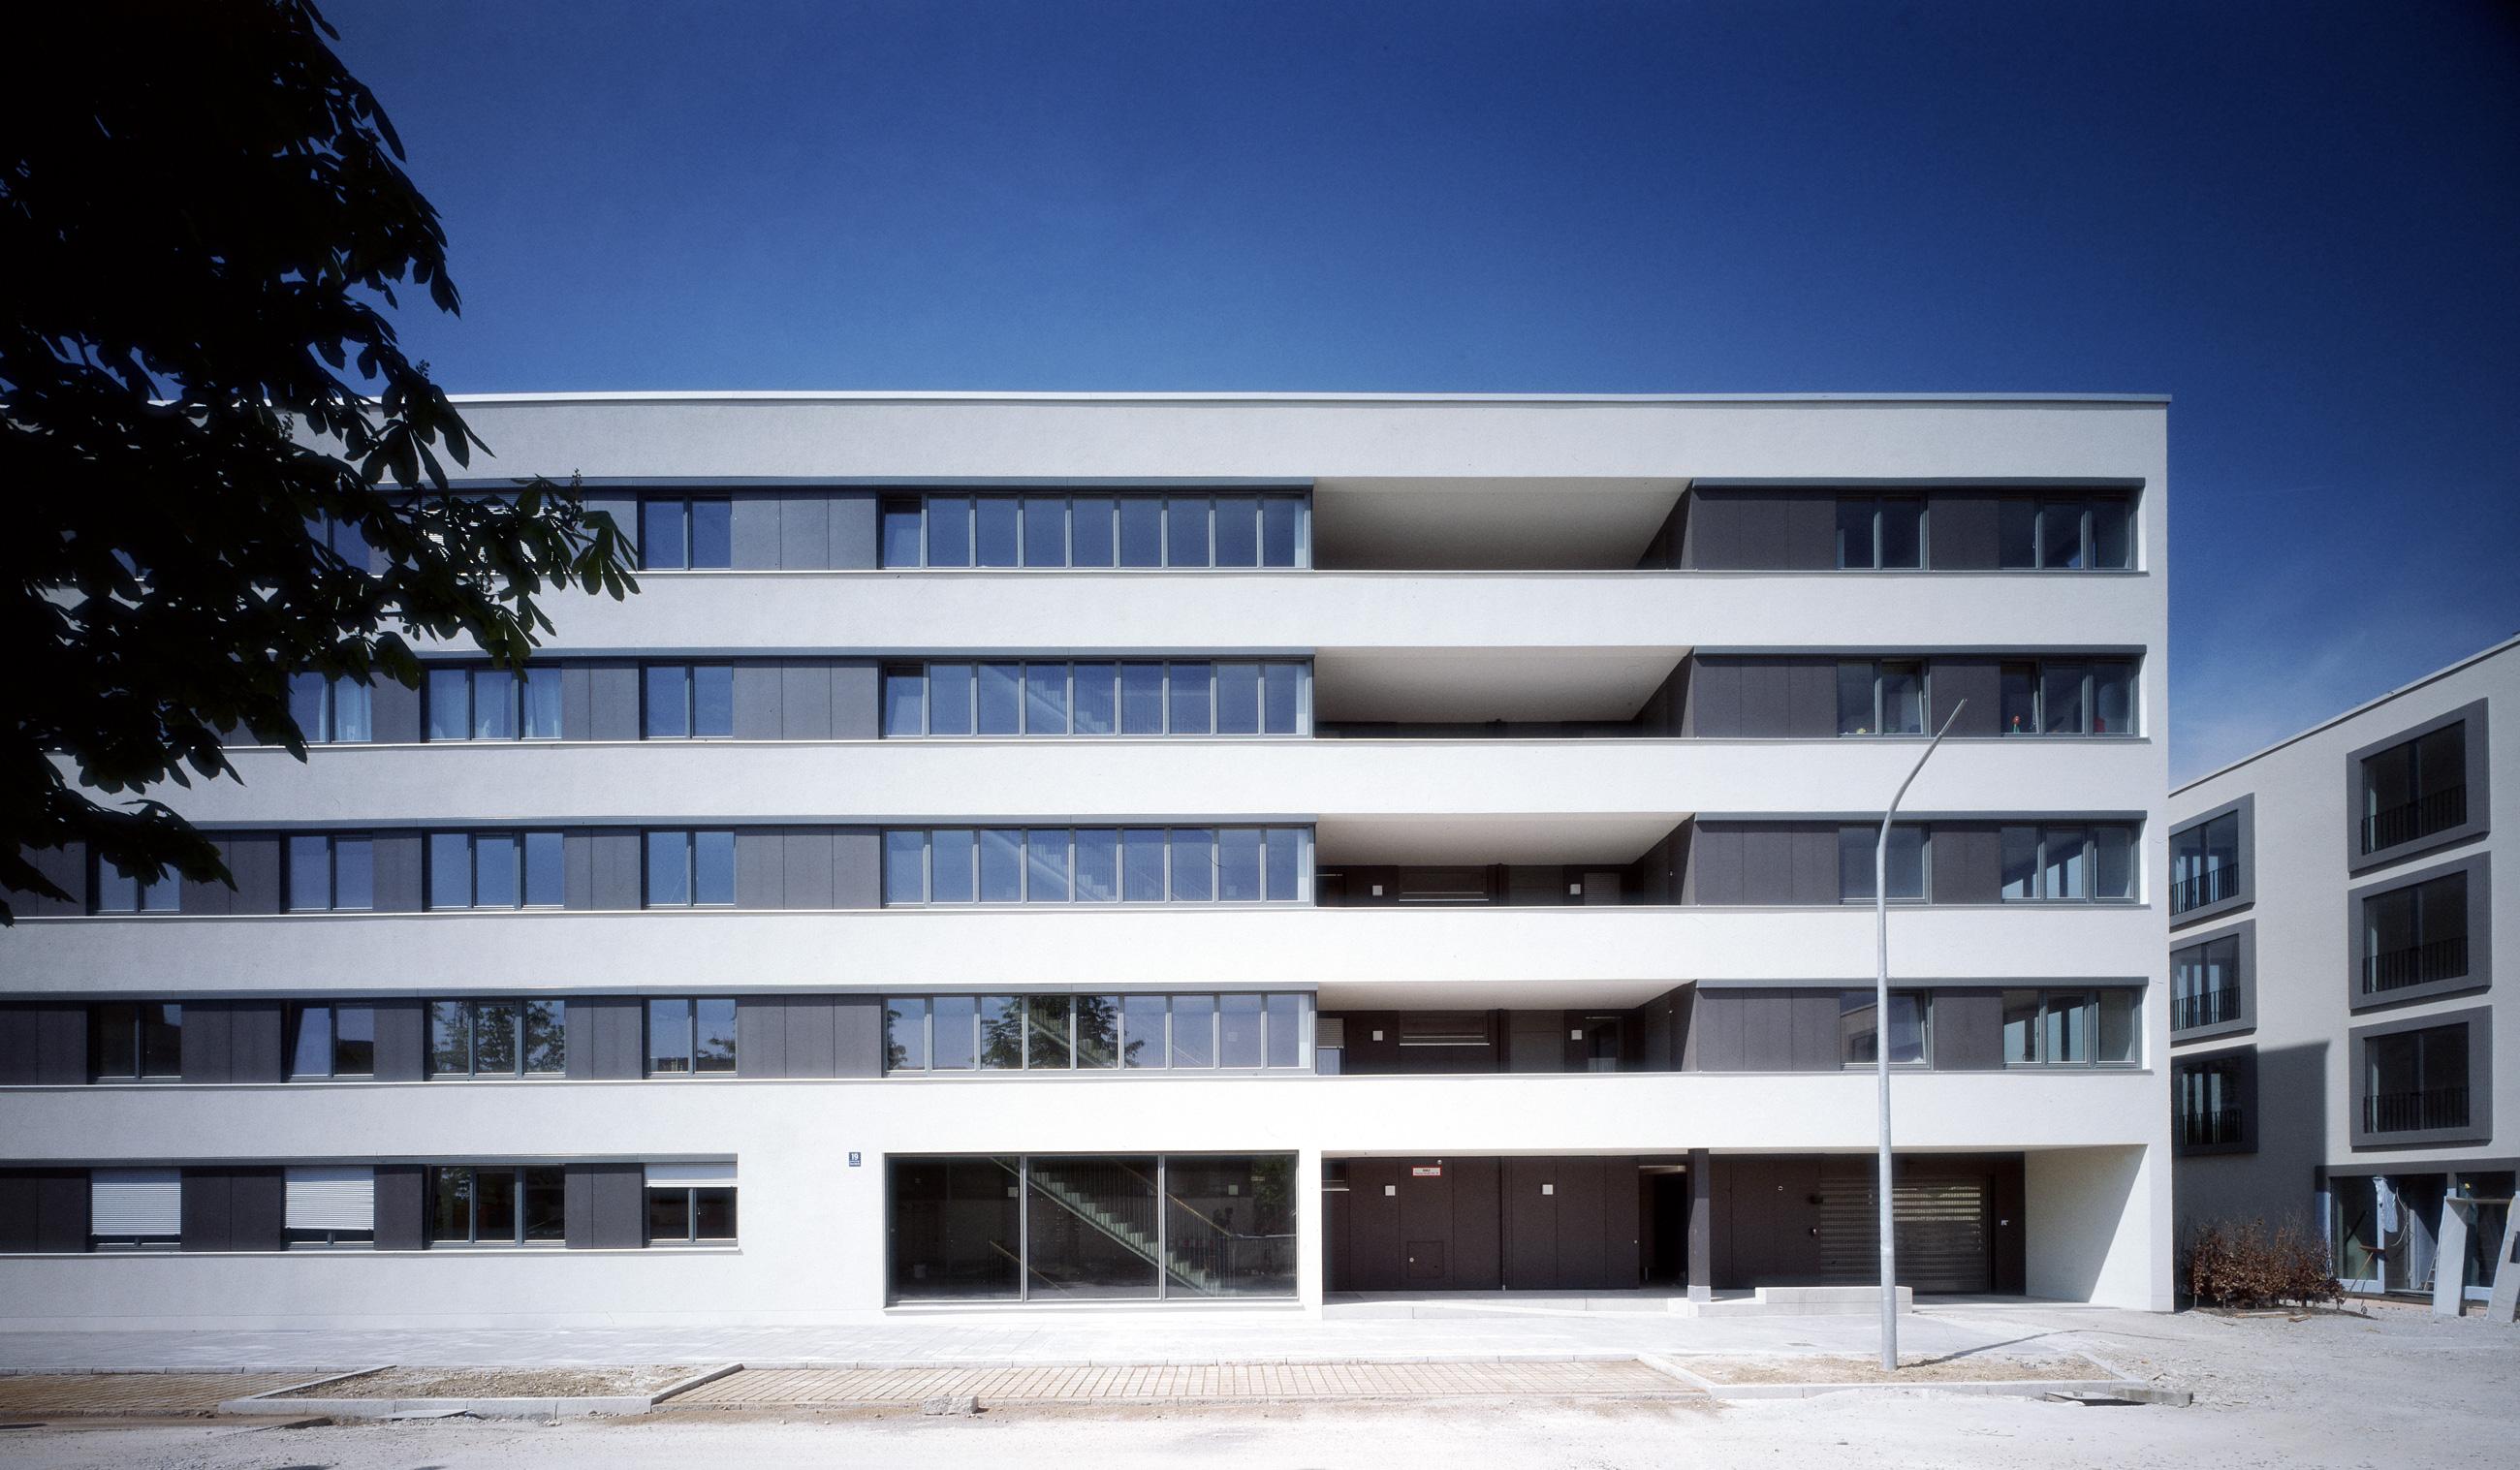 Wohnbebauung Ackermannbogen, München, Gebäude F1